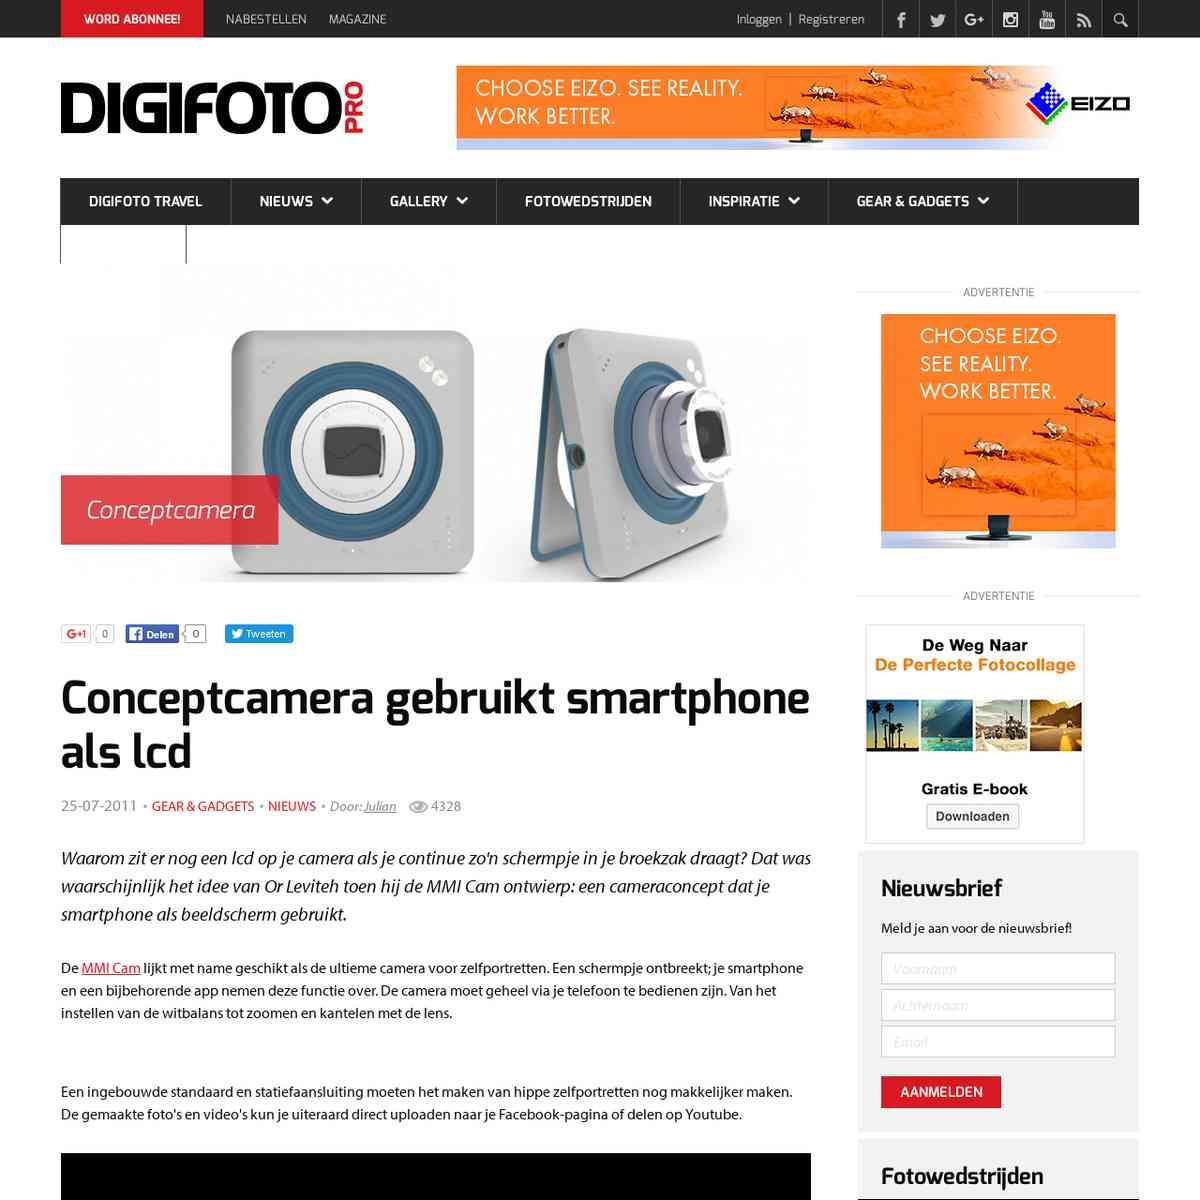 digifotopro.nl/content/conceptcamera-gebruikt-smartphone-als-lcd